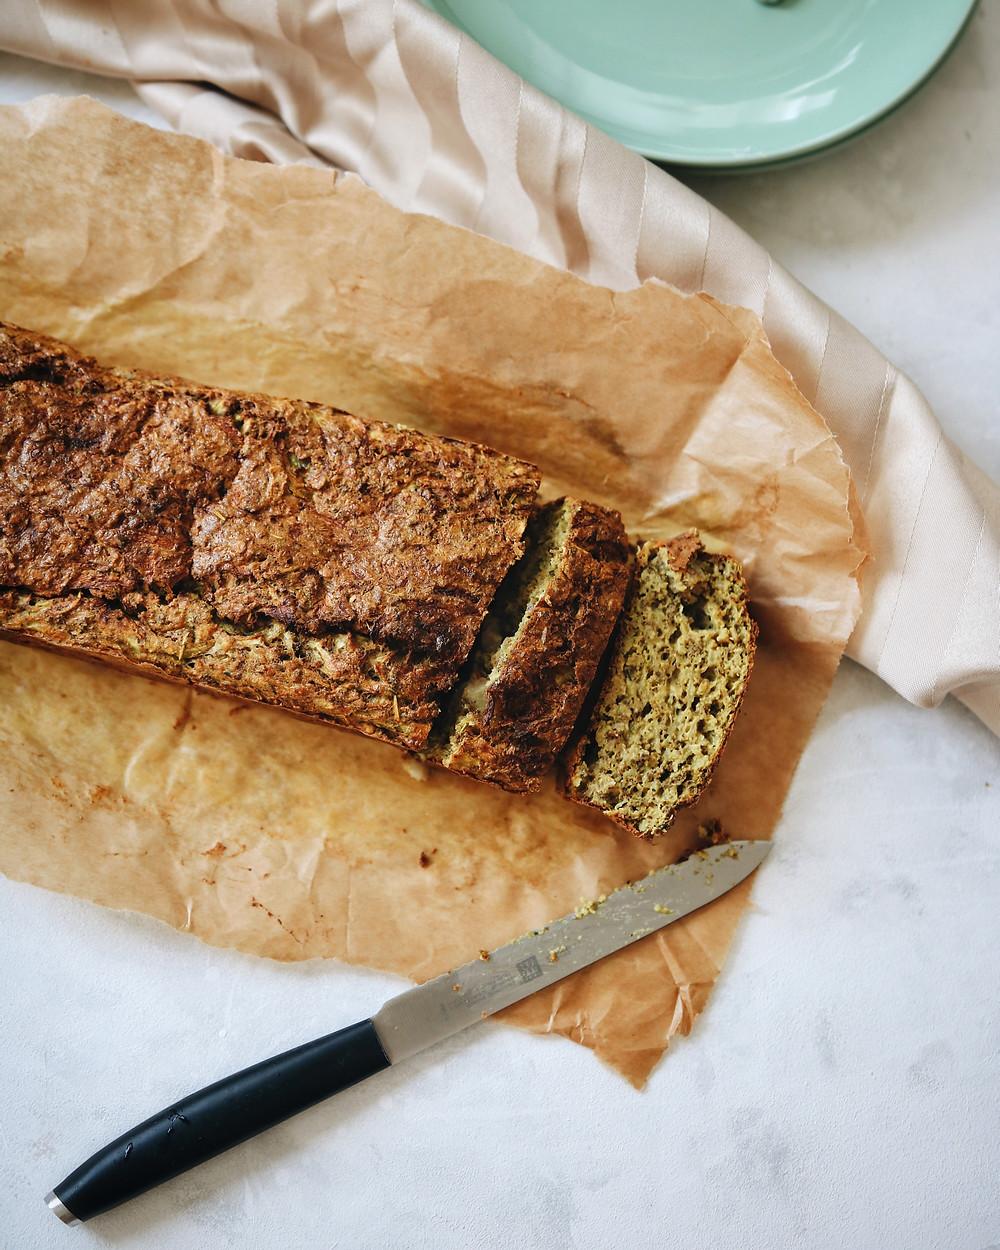 Pogled odozgo na kruh od tikvica sa začinima. Kruh razrezan na fete, na papiru za pečenje, na bijeloj podlozi.